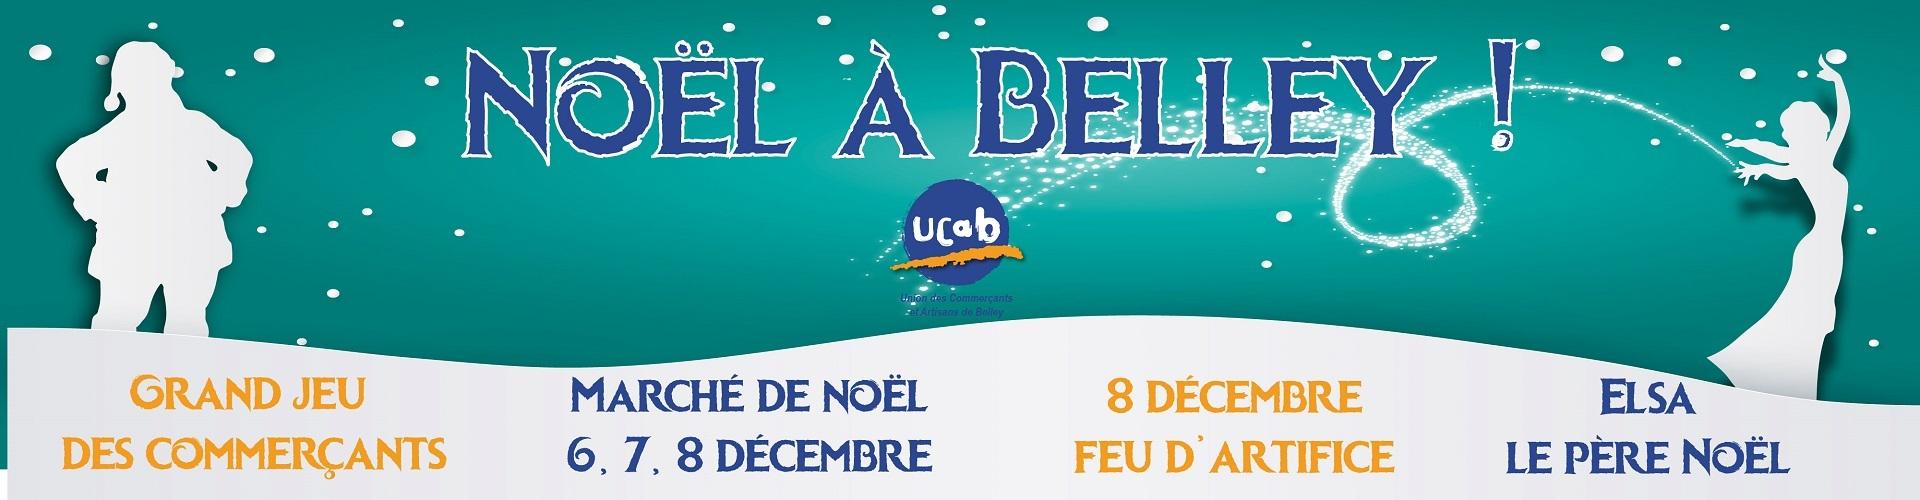 noel belley 2019 decembre